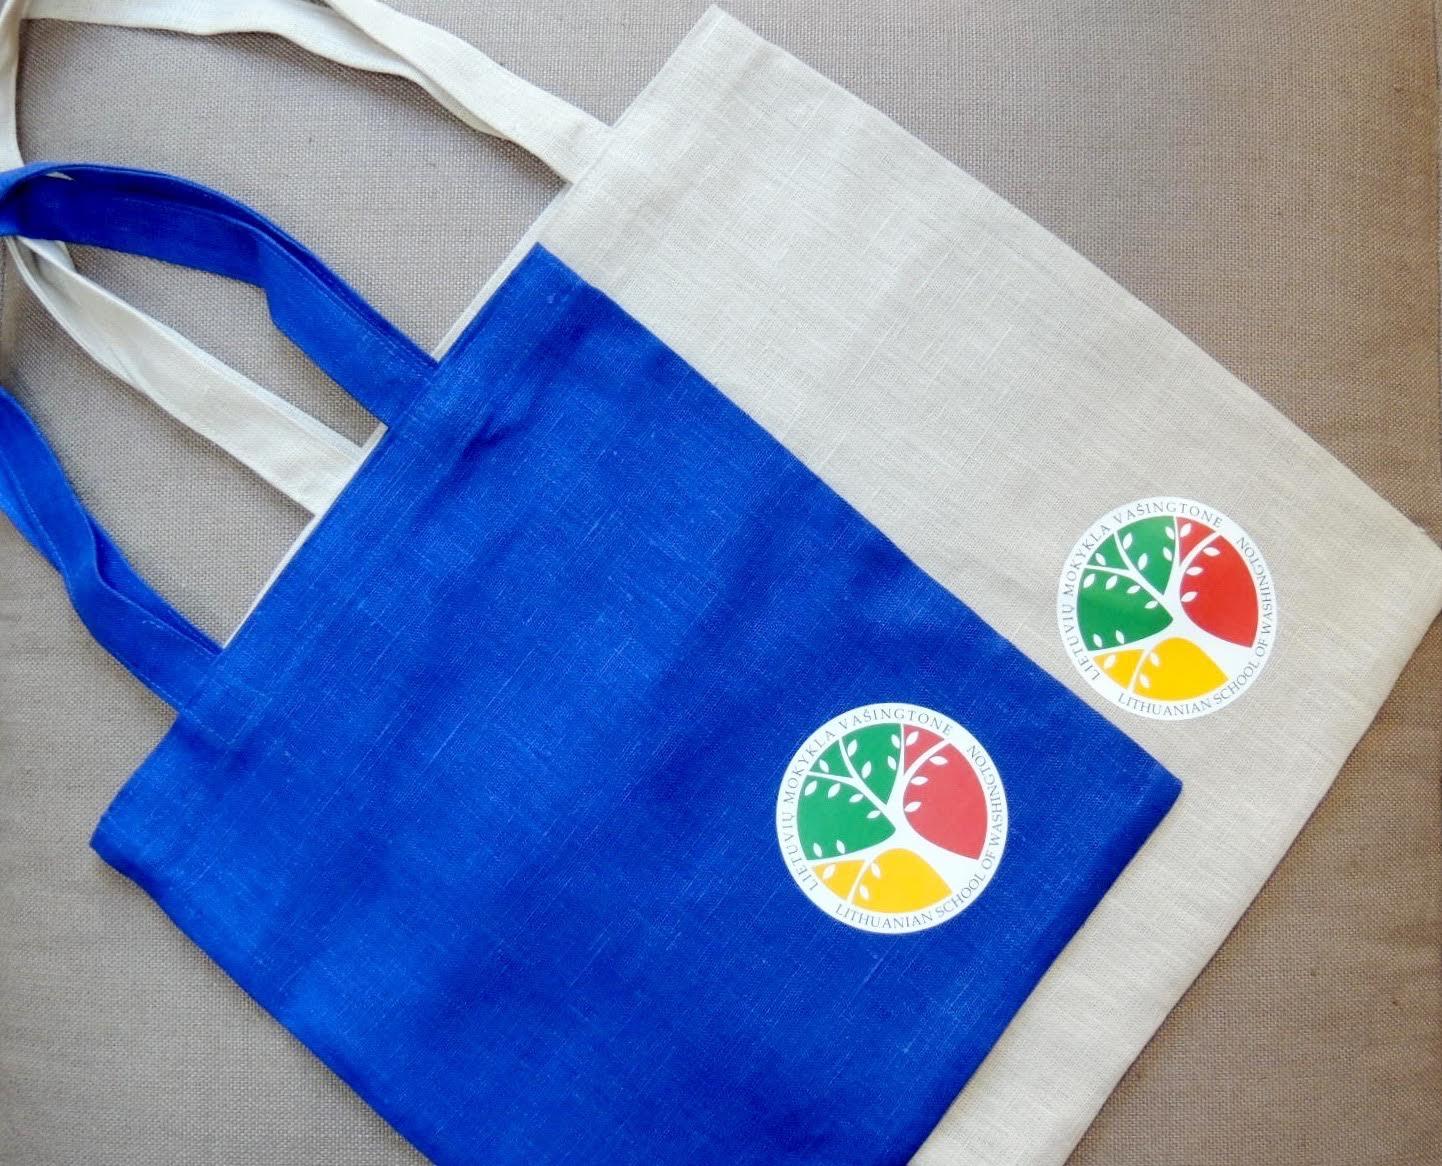 """Mokinių krepšeliai - """"Lietuvių Mokykla Vašingtone"""" didžiuojasi savo mokiniais ir dovanoja unikalų mokyklos mokinio maišelį kiekvienam užsiregistravusiam. Mokyklos maišelius kūrė dizainerė Kornelija Žukovskienė iš Lietuvos."""